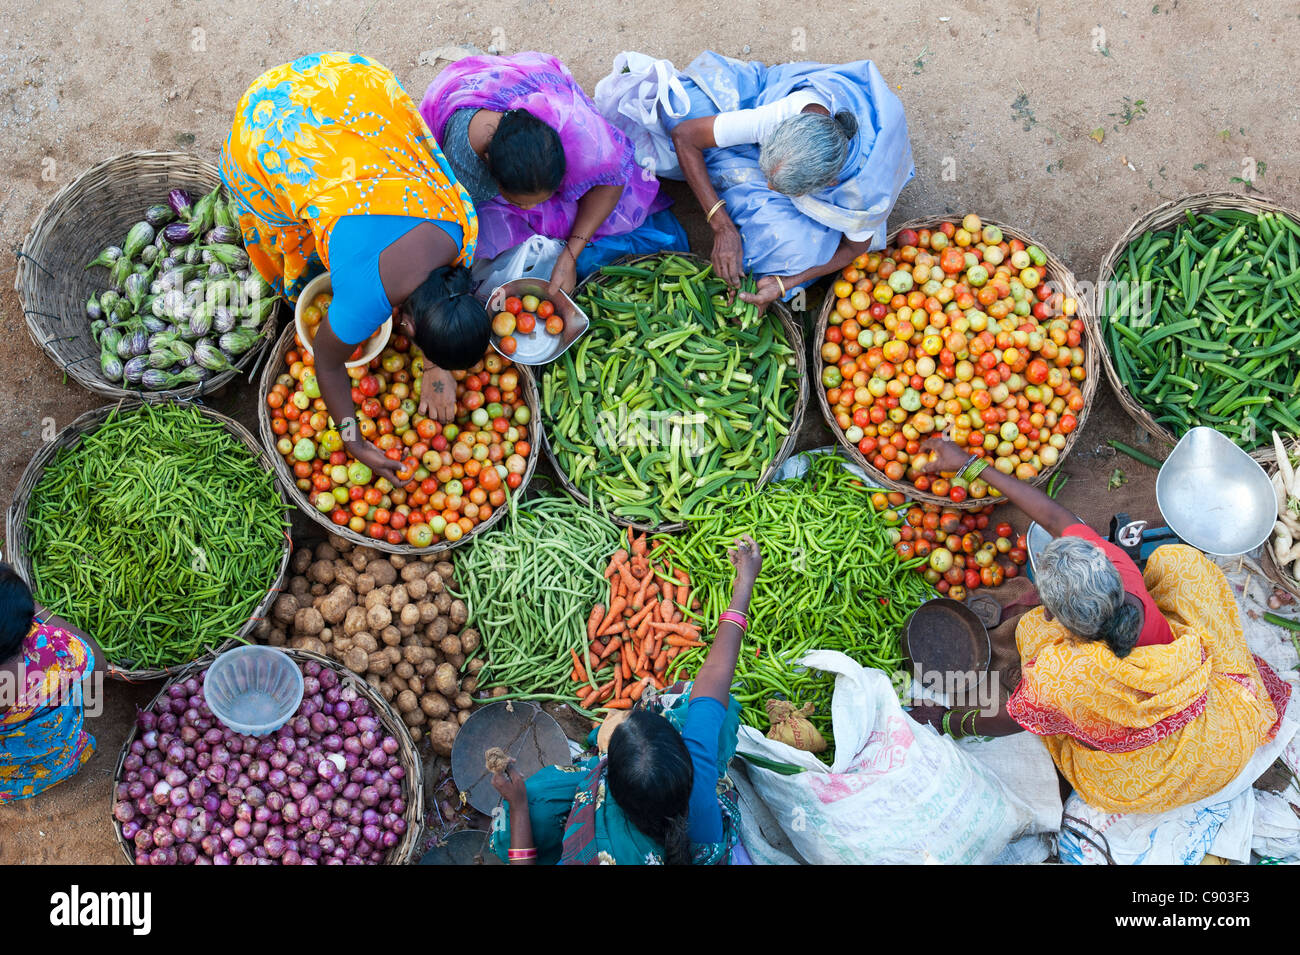 Le donne indiane di acquistare verdure da una strada del mercato di Puttaparthi, Andhra Pradesh, India Immagini Stock